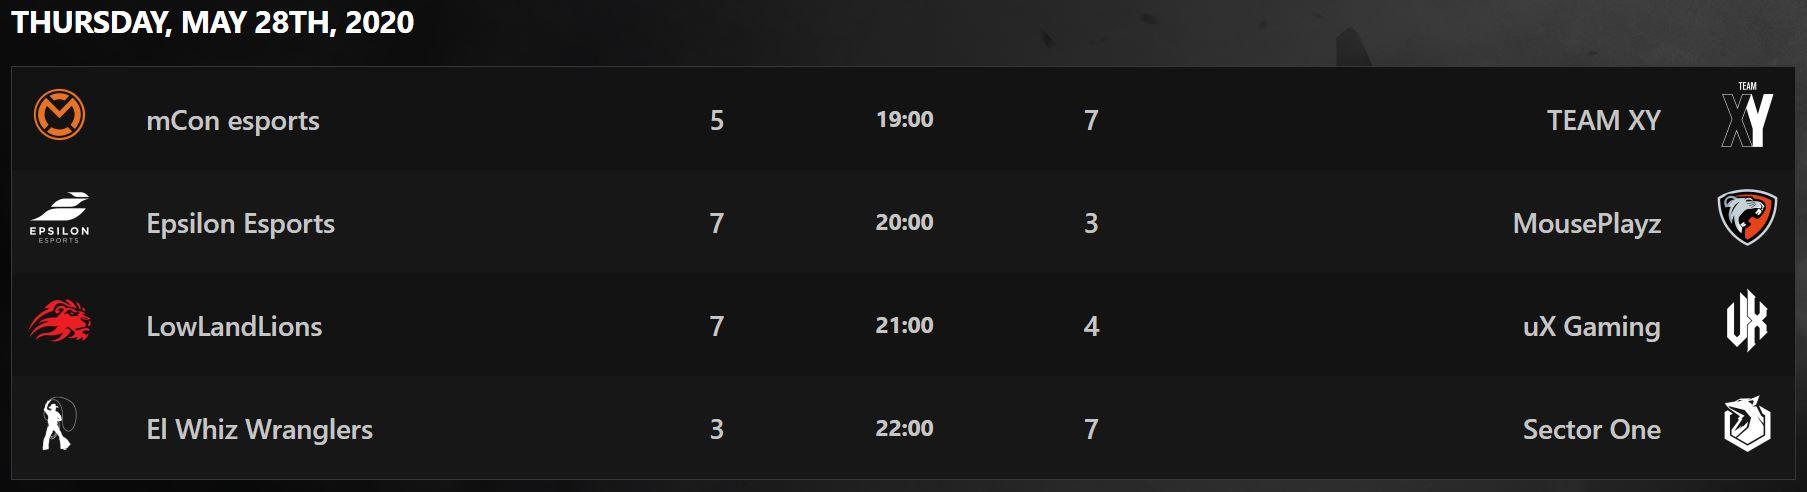 Rainbow Six Siege Benelux League Schedule Jeudi 28 mai